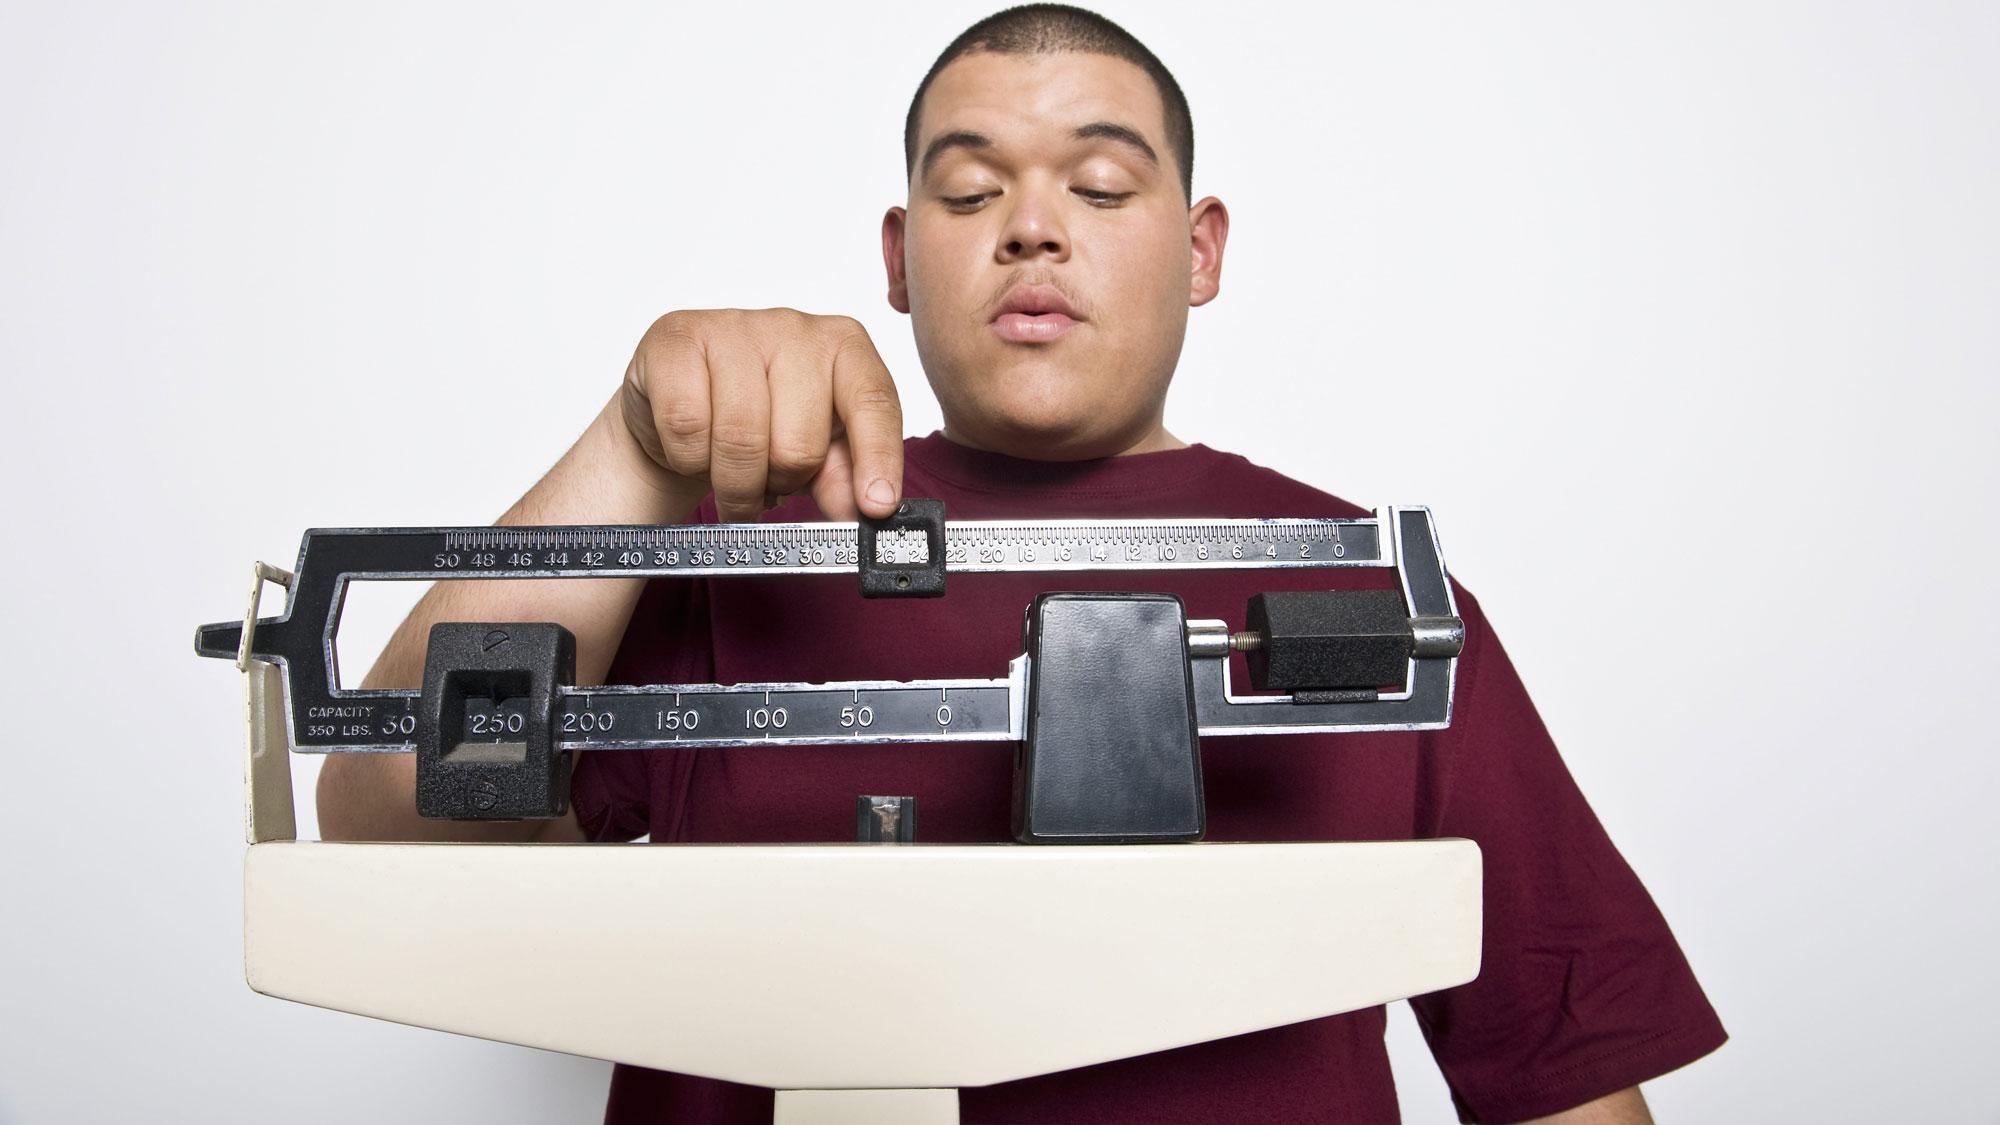 Вес возвращается: быстрые и медленные диеты оказались одинаково бесполезными